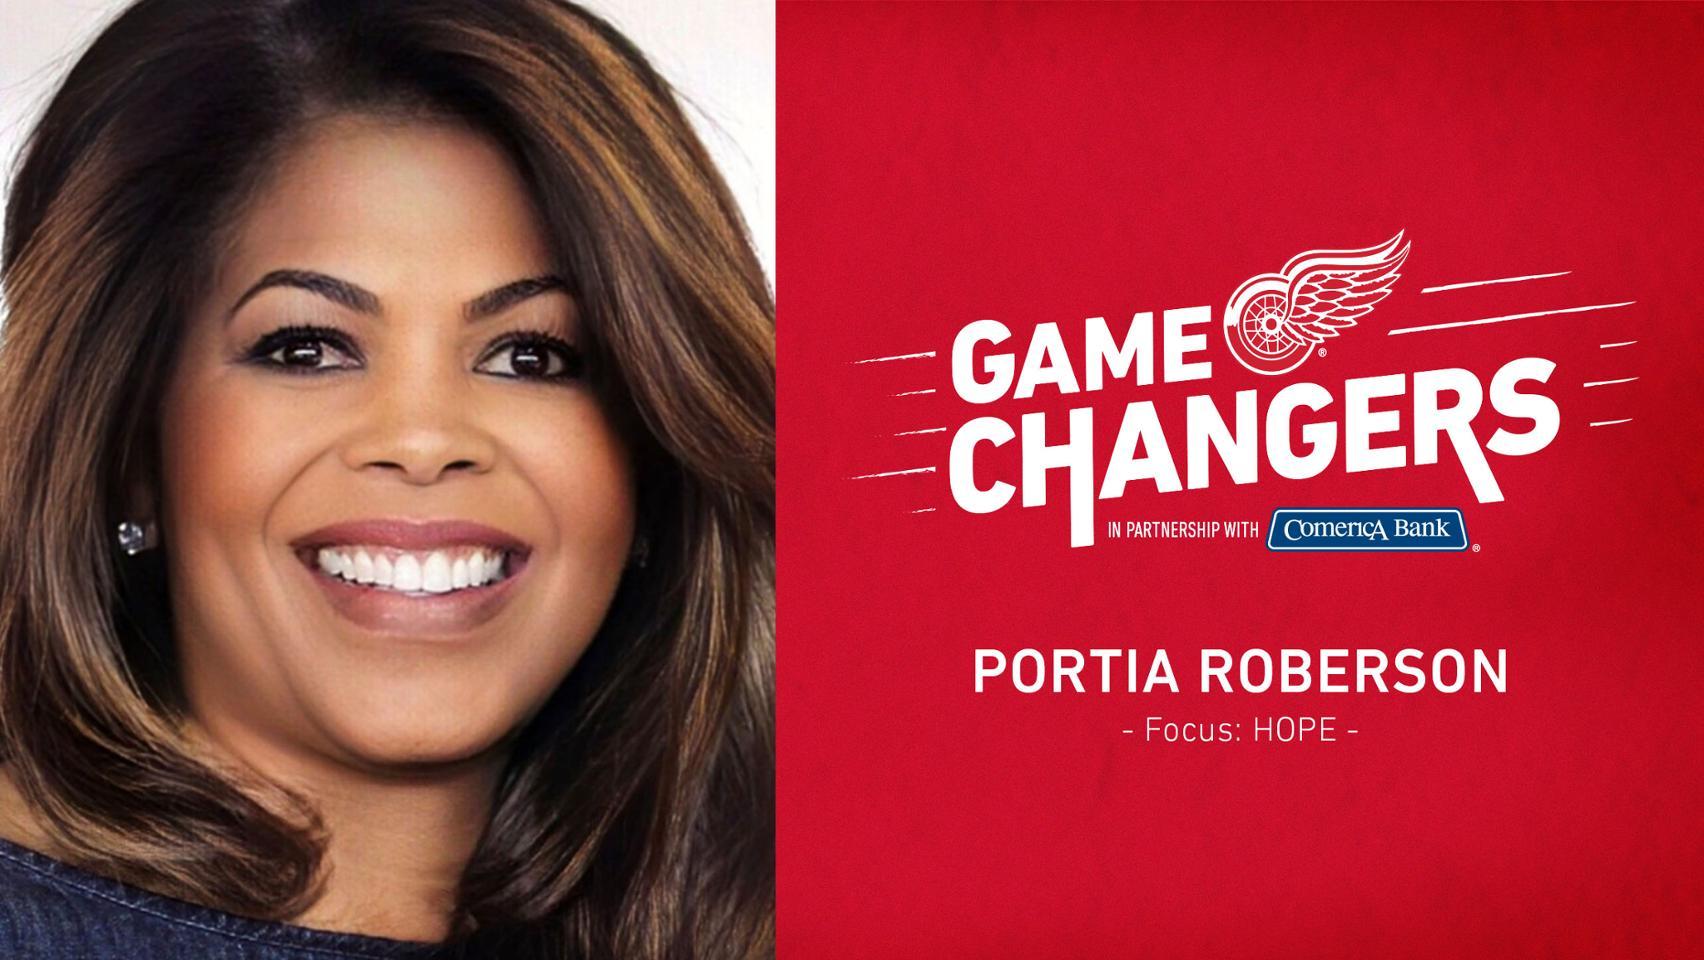 Portia Roberson